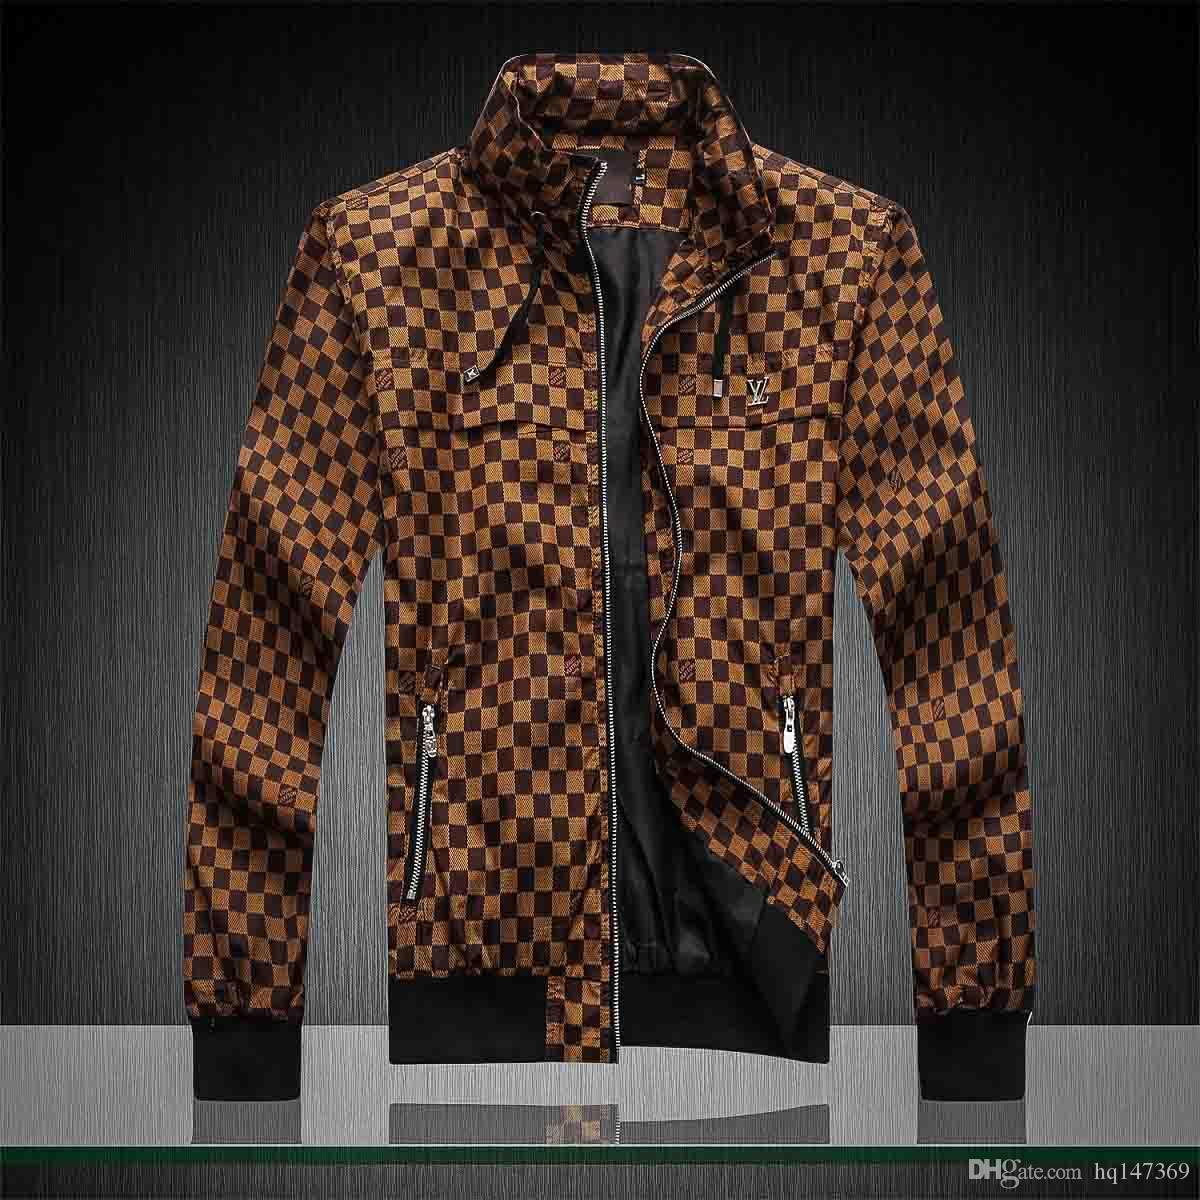 2020 نمط جديد مصمم الرجال السترة معطف الشتاء فاخر ارتداء الرجال للنساء كم طويل في الهواء الطلق ملابس الرجال ملابس النساء ميدوسا دثار M-3XL